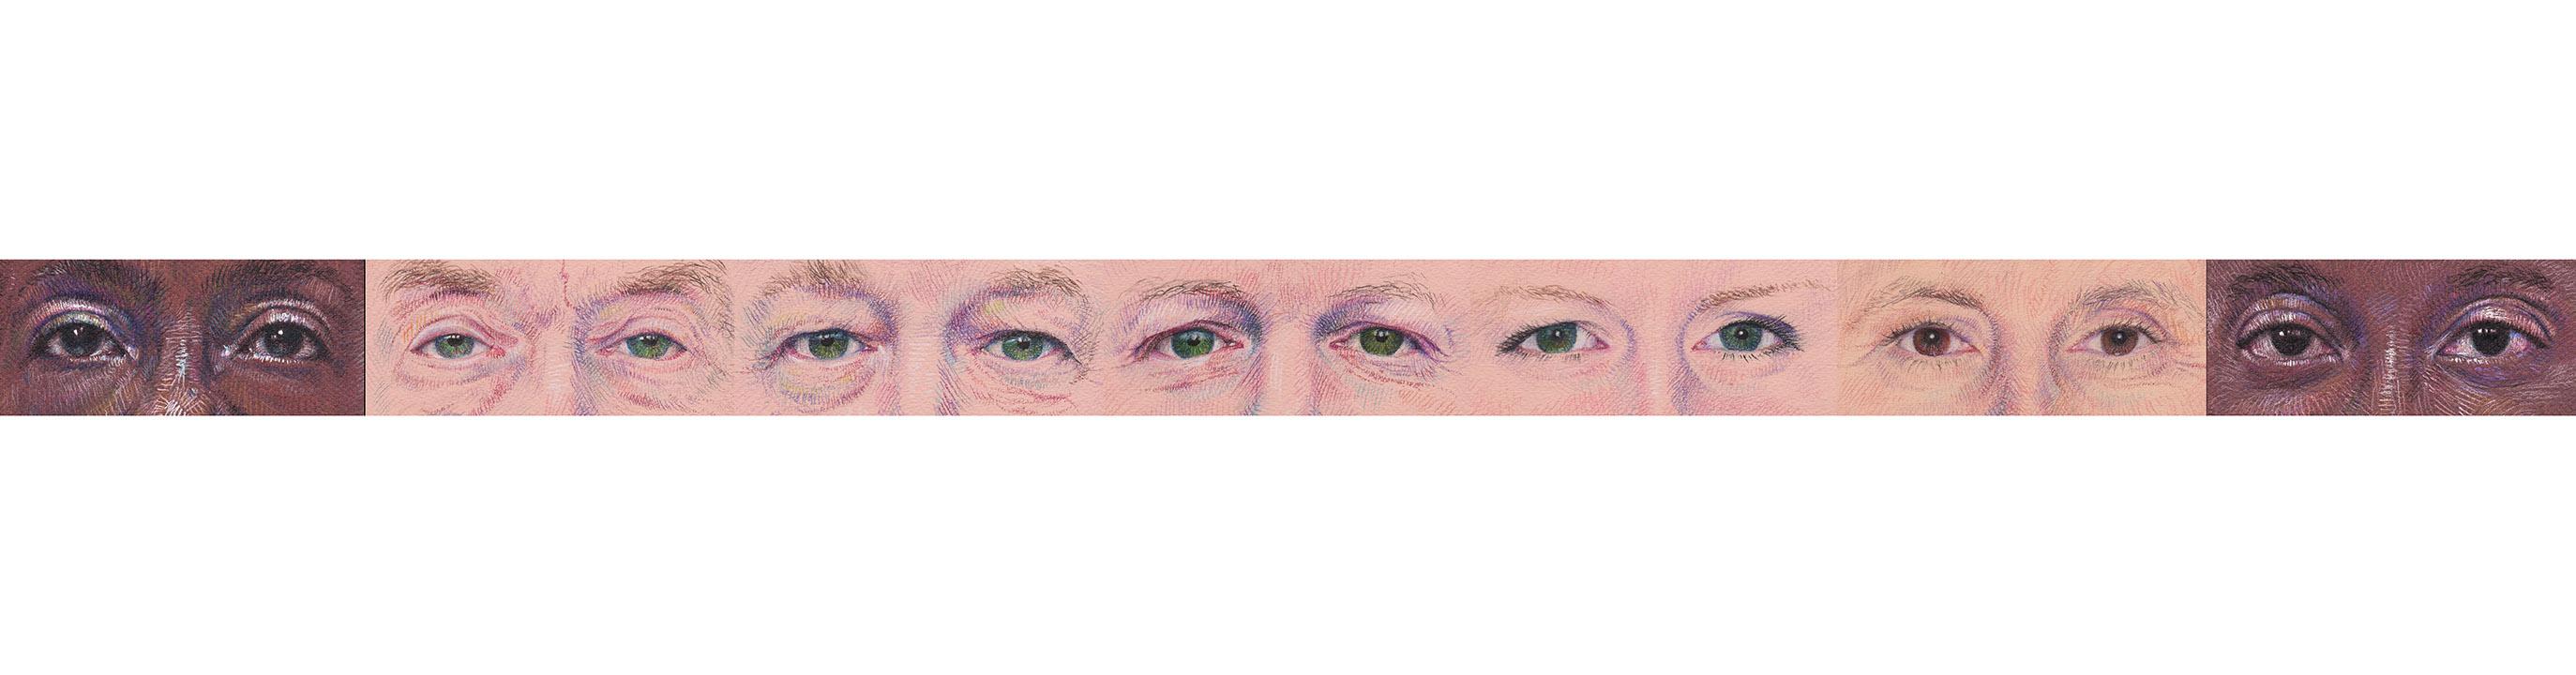 Seven Eye Sets